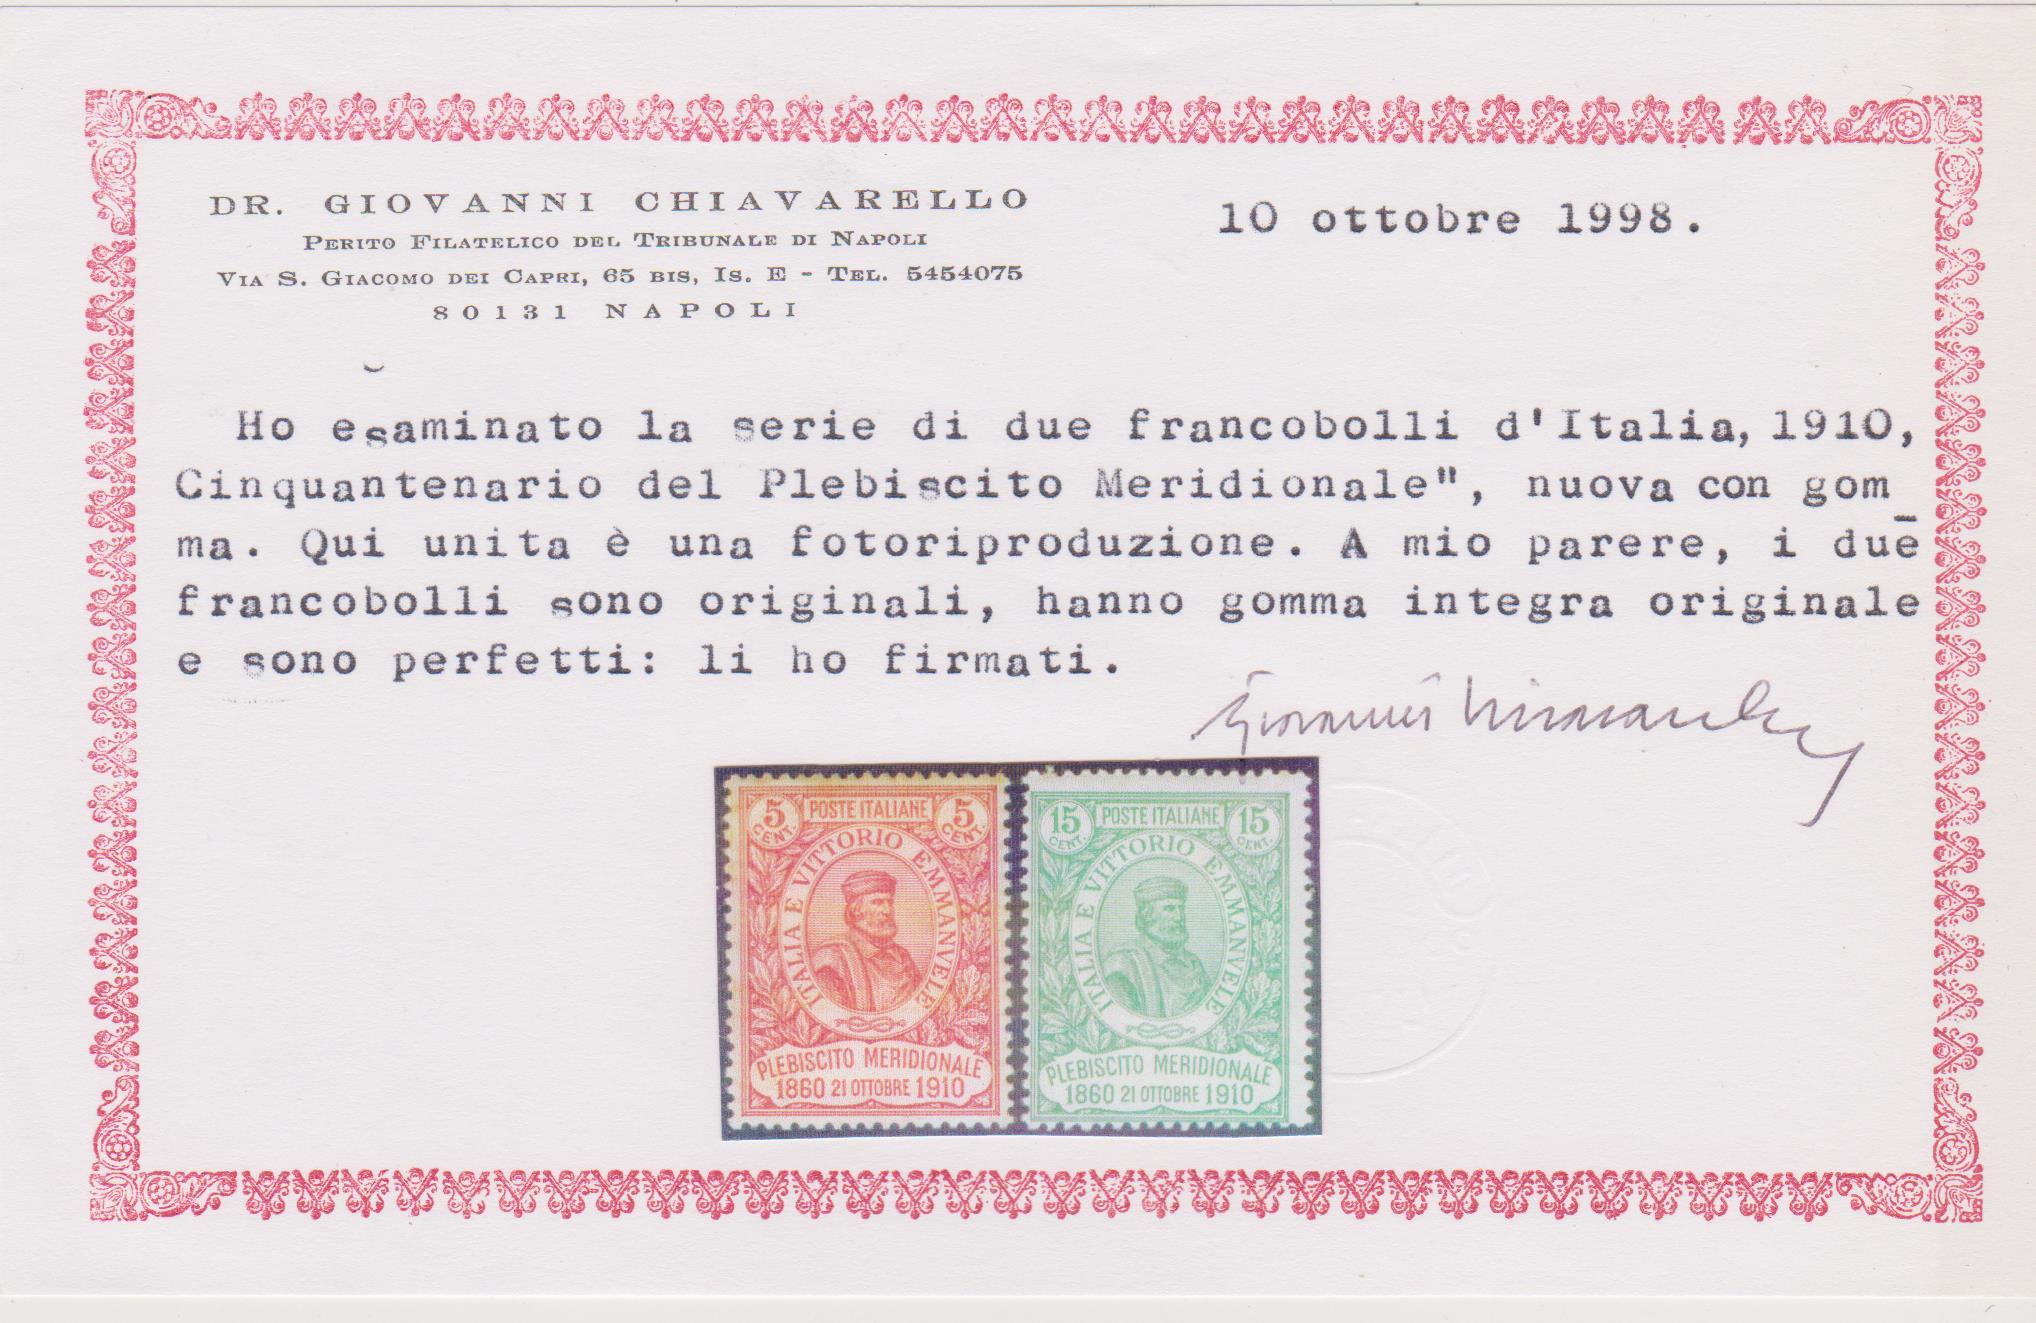 italia-regno-cert-chiavarello-001